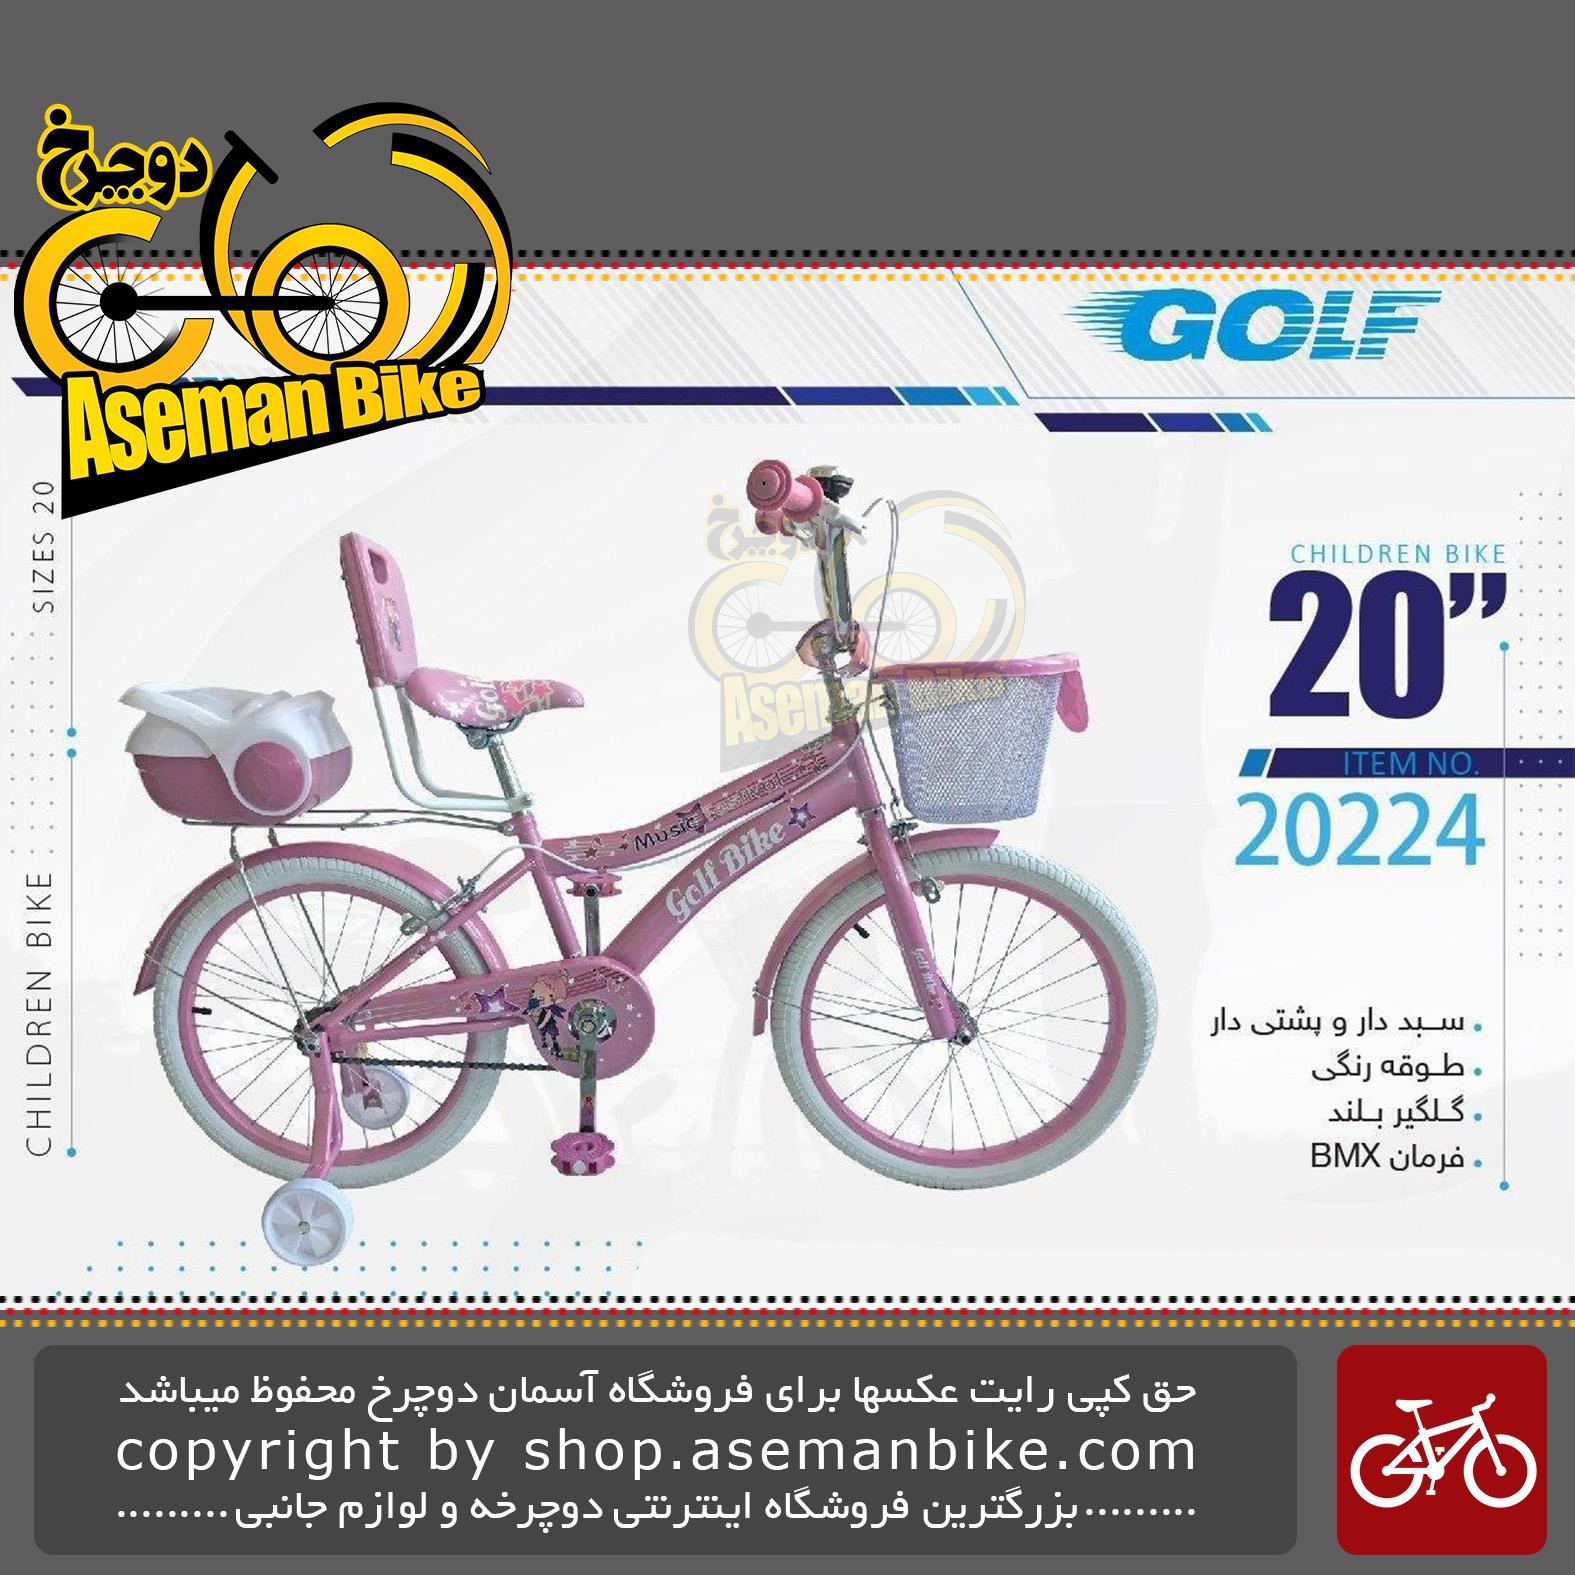 دوچرخه دخترانه بچگانه گلف سایز ۲۰ پشتی دار صندوق دار سبد دار مدل 20224 GOLF Bicycle Children Bike Size 20 Model 20224